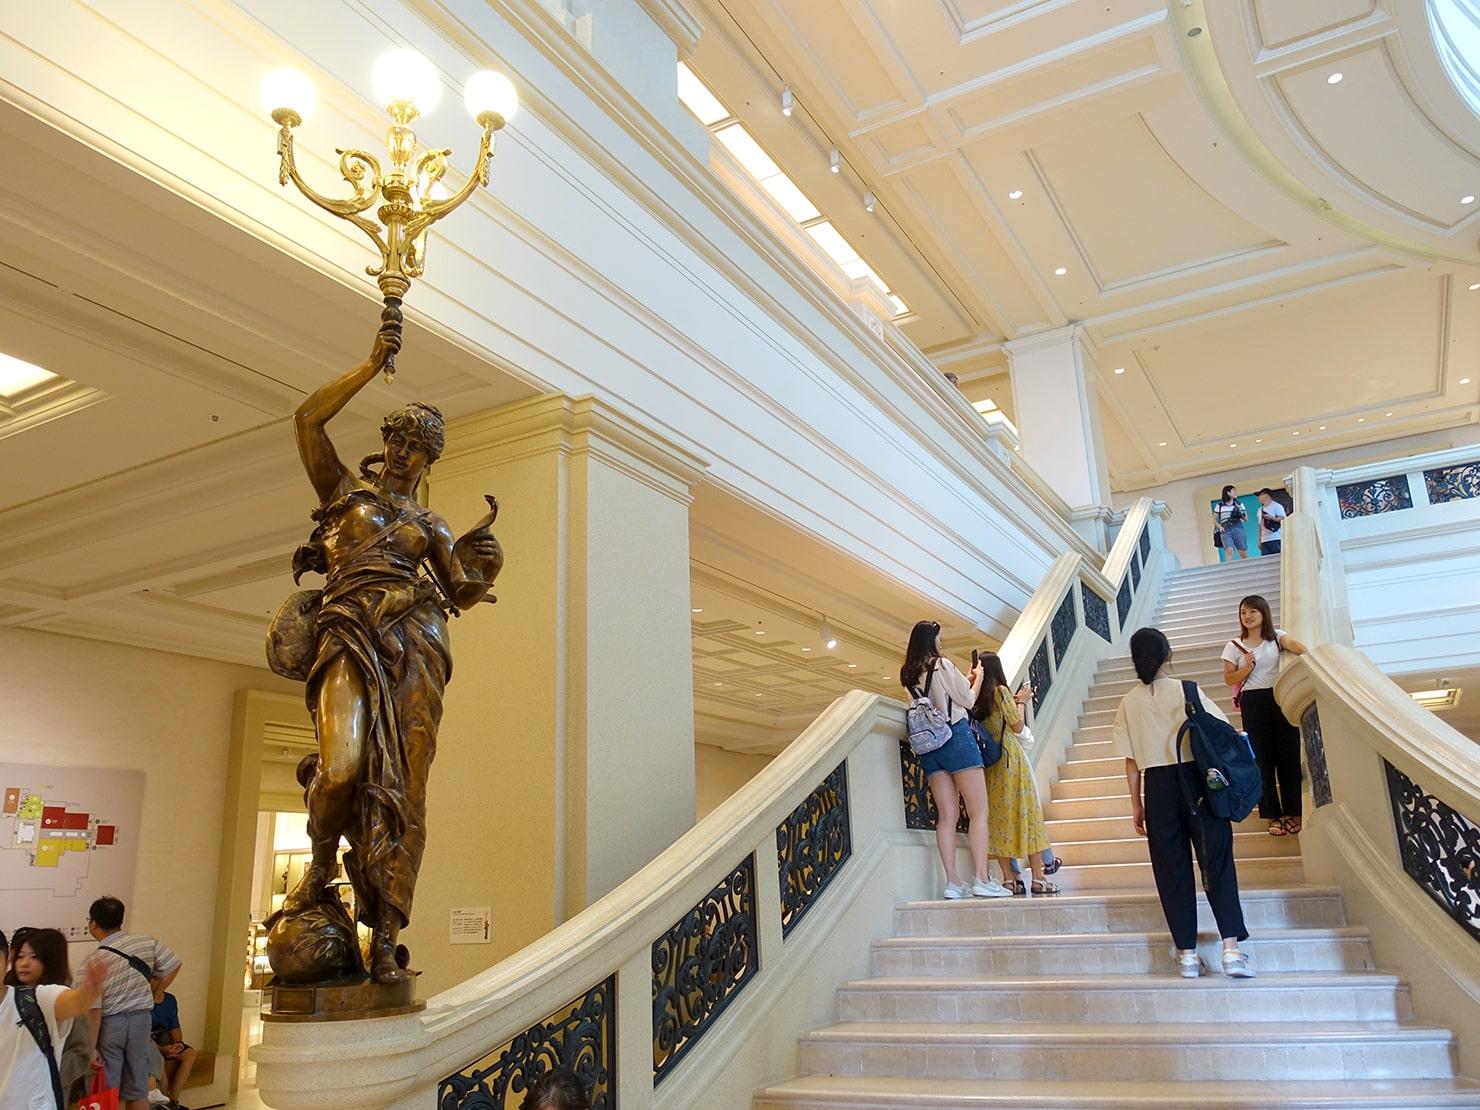 台南市街郊外のおすすめ観光スポット「奇美博物館」エントランスホールの階段